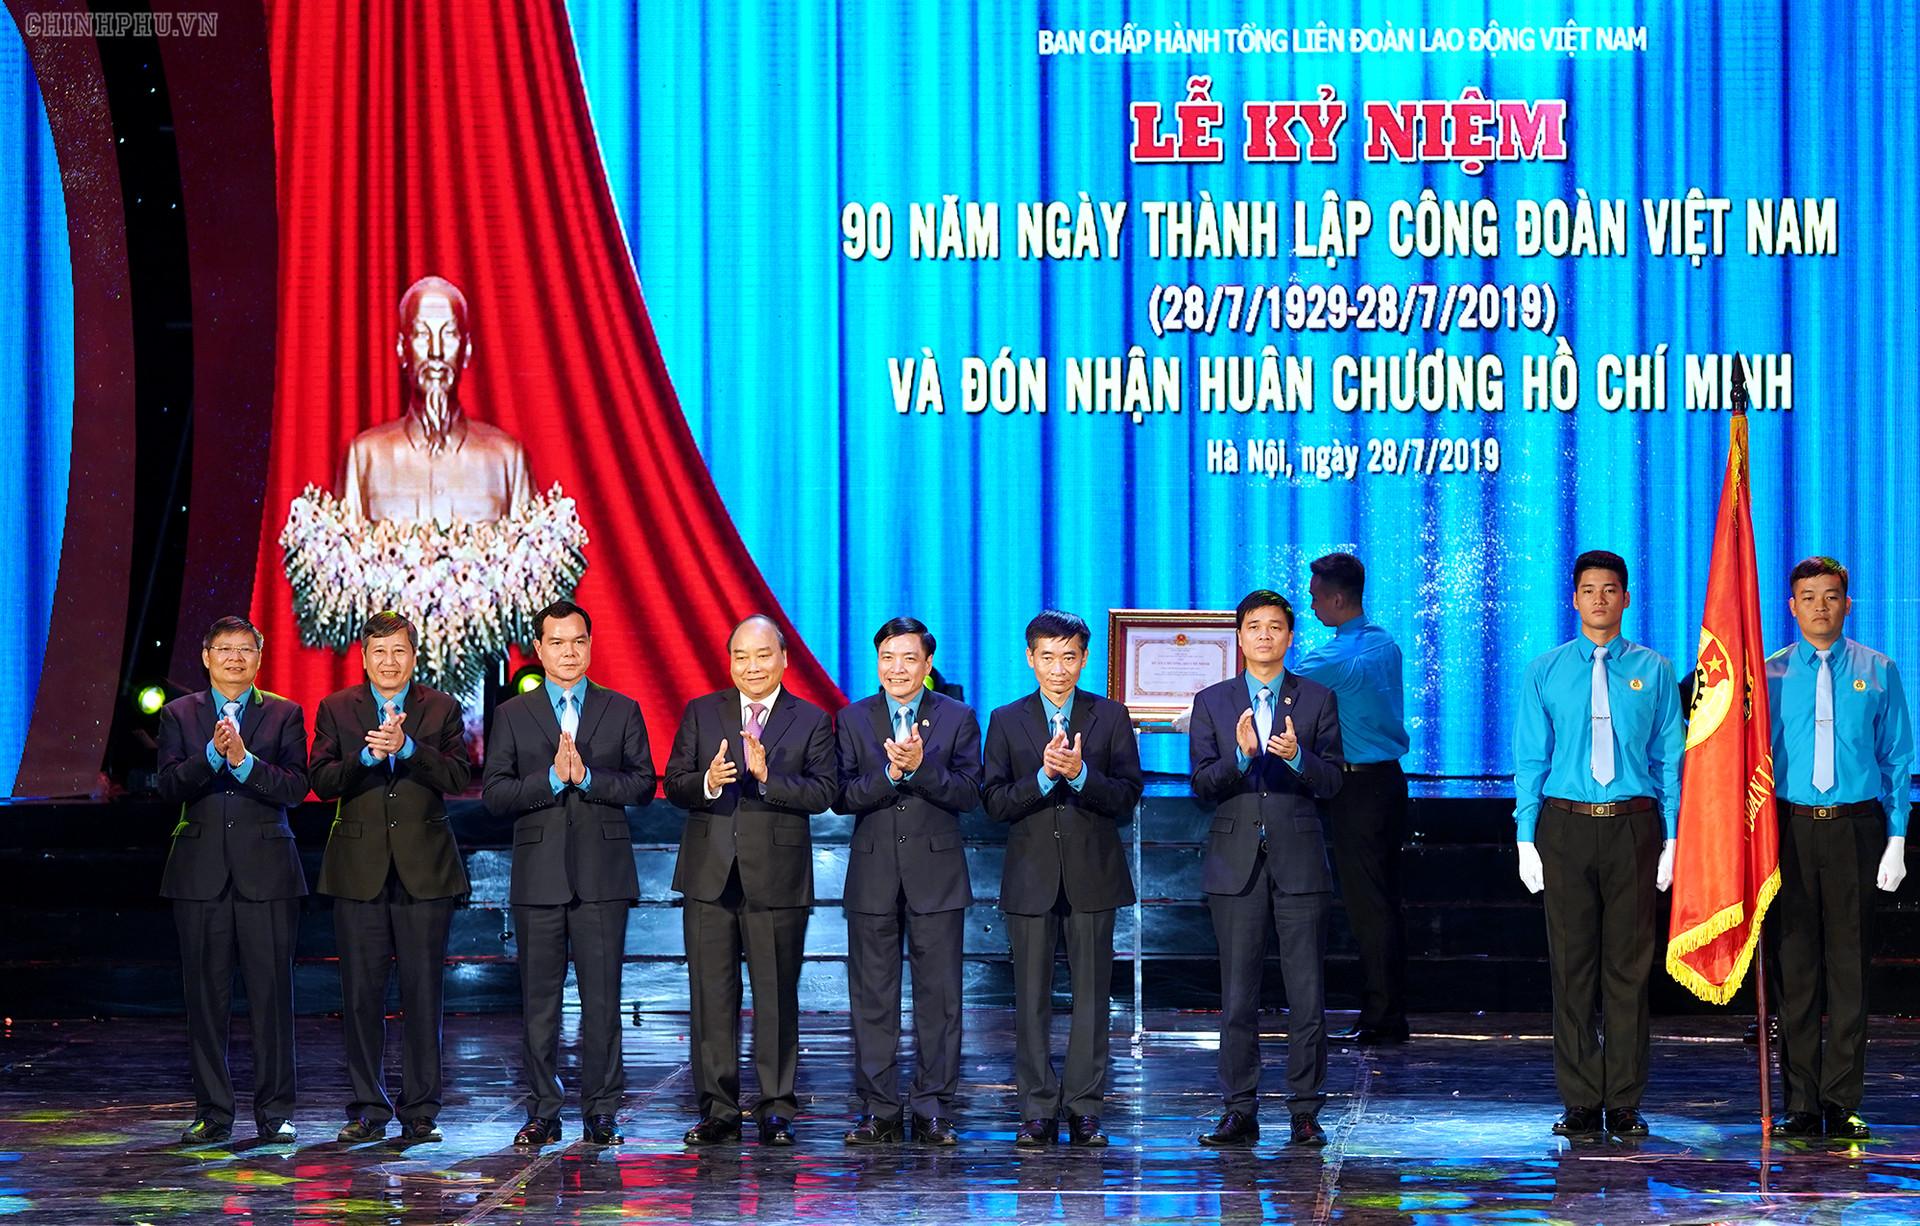 Thủ tướng dự lễ kỷ niệm 90 năm thành lập Công đoàn Việt Nam